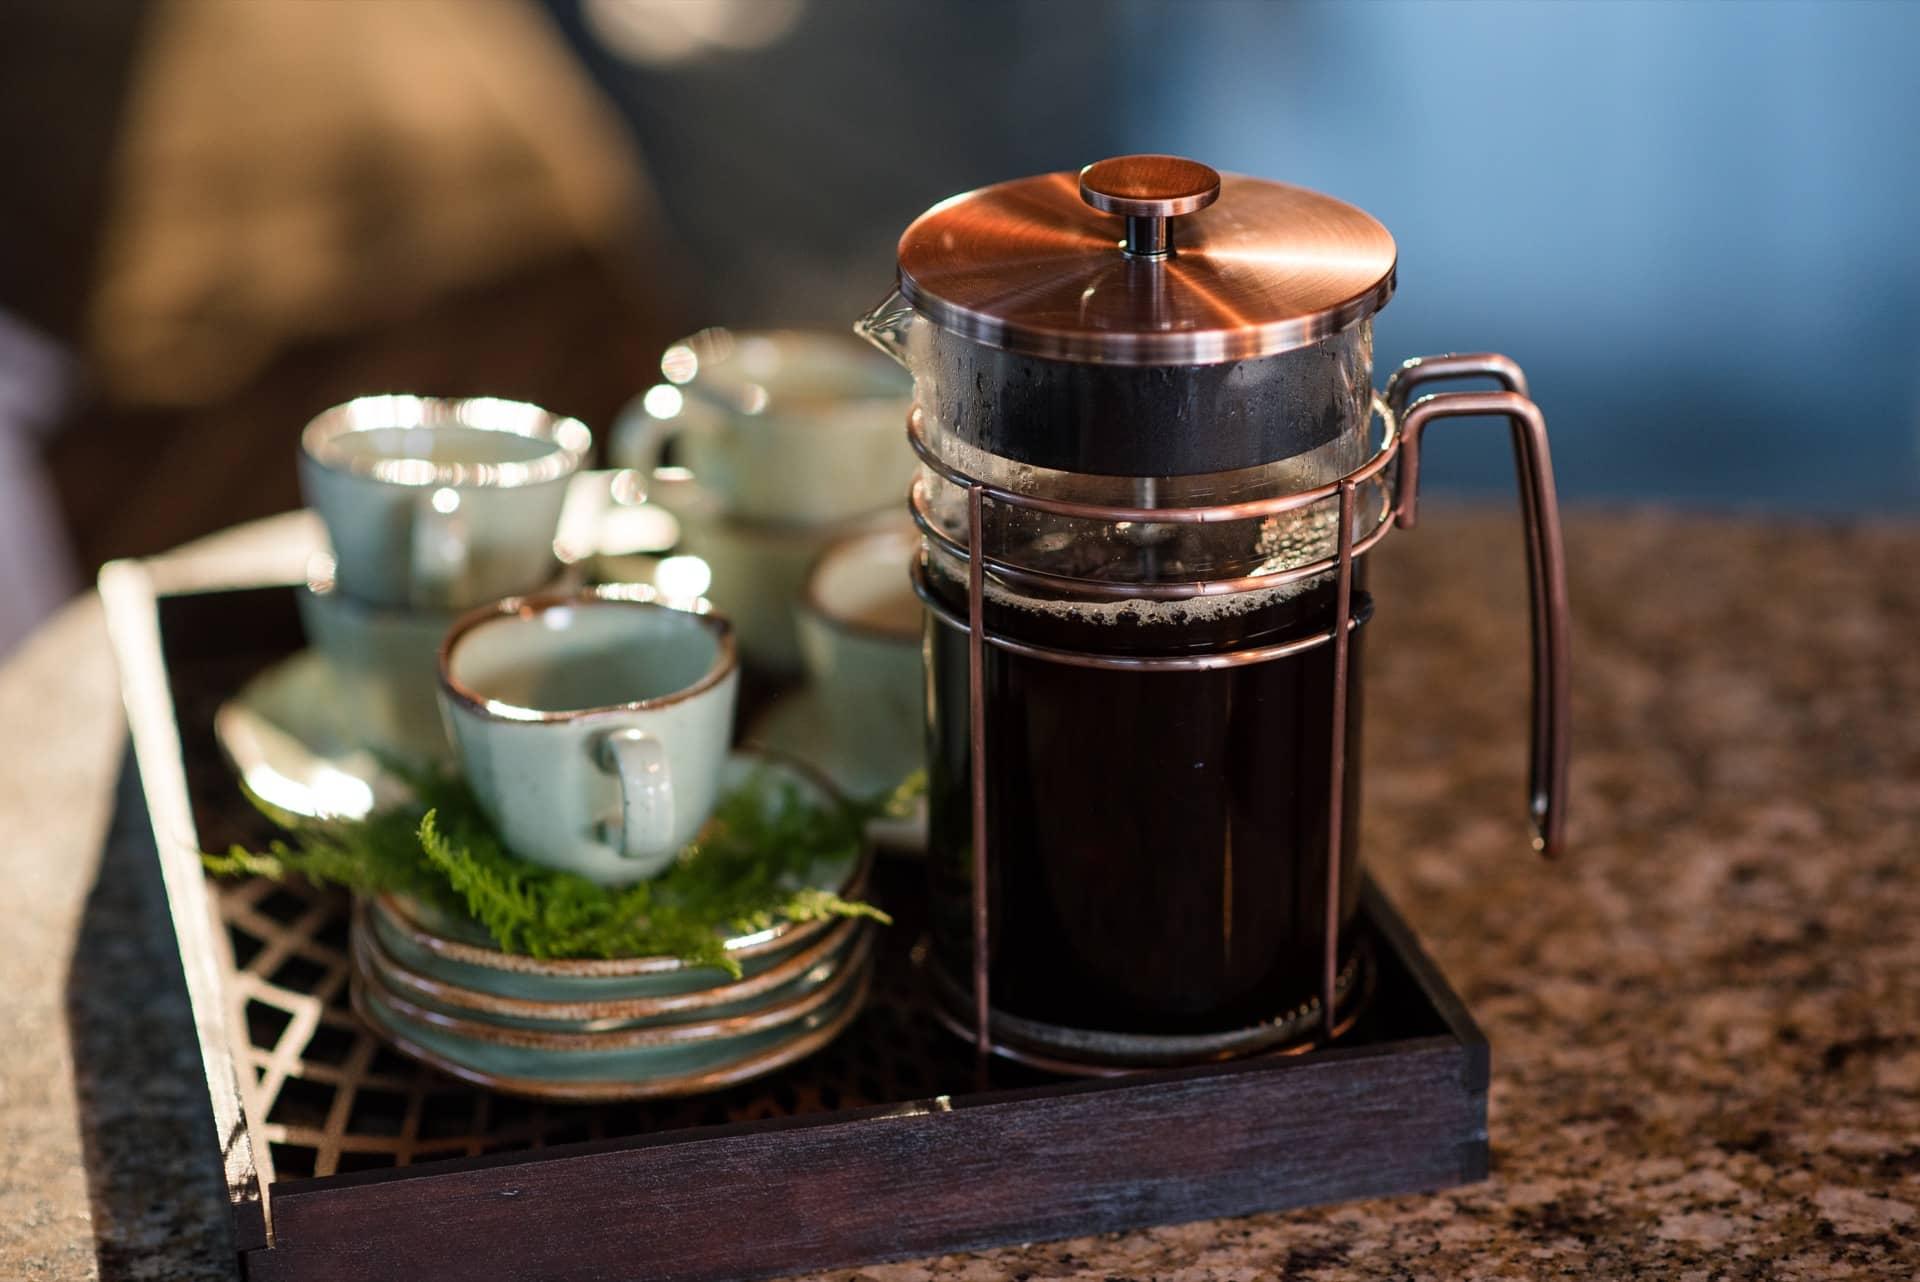 Imagem: Preparado na cafeteira com prensa francesa da Oxford, o café preserva todos o seu aroma e sabor. Ramos verdes enfeitam o pires do jogo de café Ryo Bambu da Oxford Porcelanas. Foto: Karla Rudnick